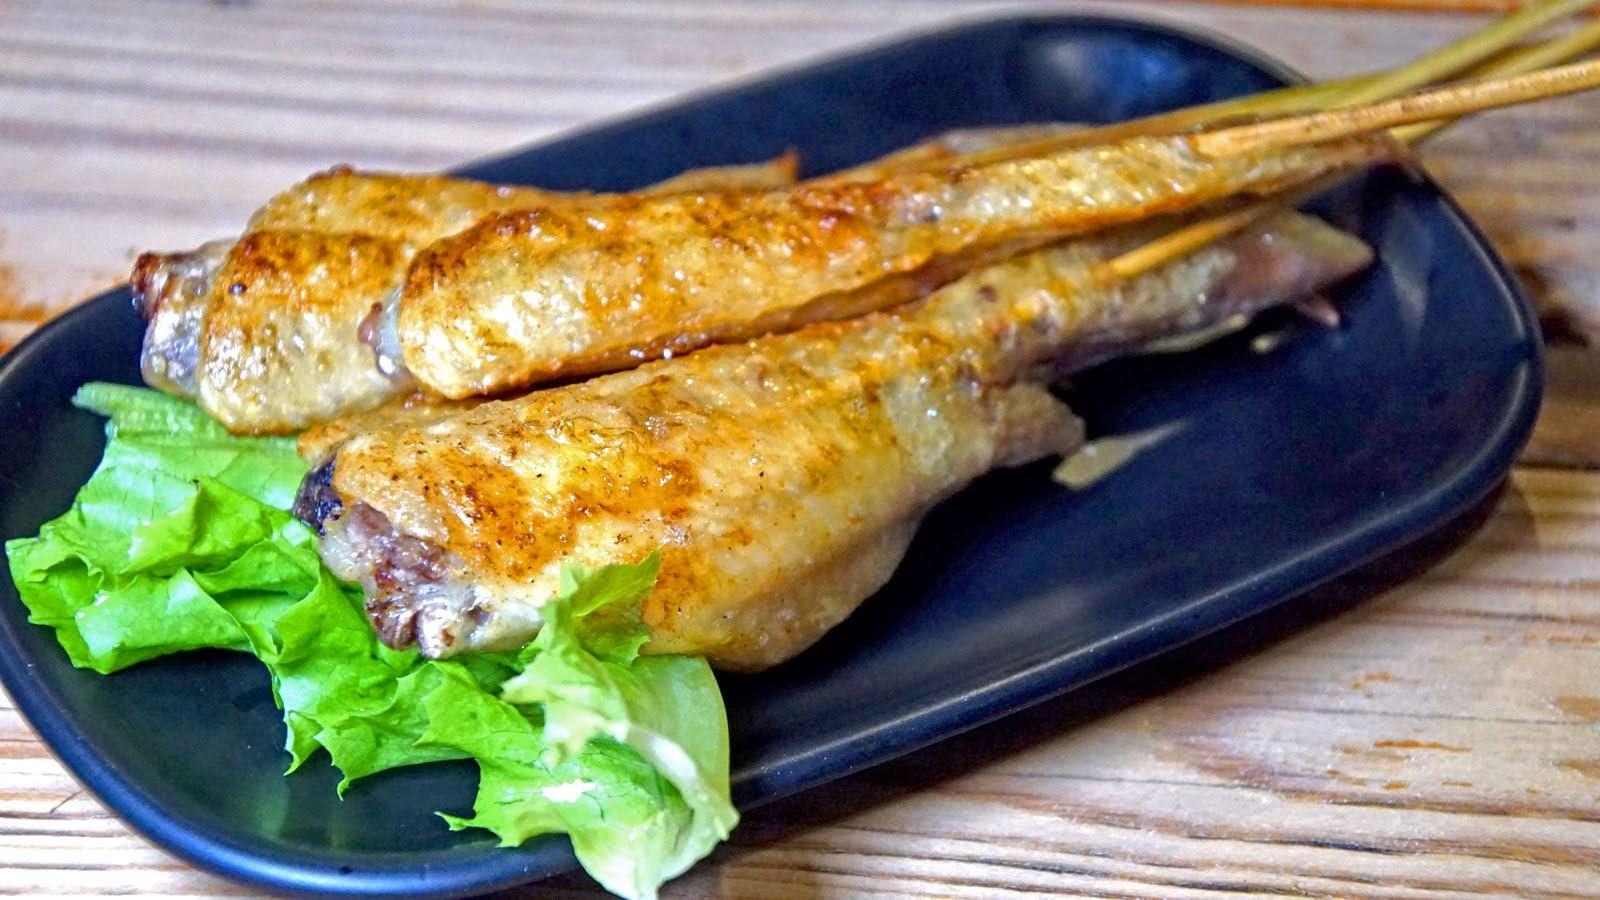 [台南][東區] 府城騷烤家|FuCheng Barbecue|紅蟳、龍蝦都全都烤下去|食記